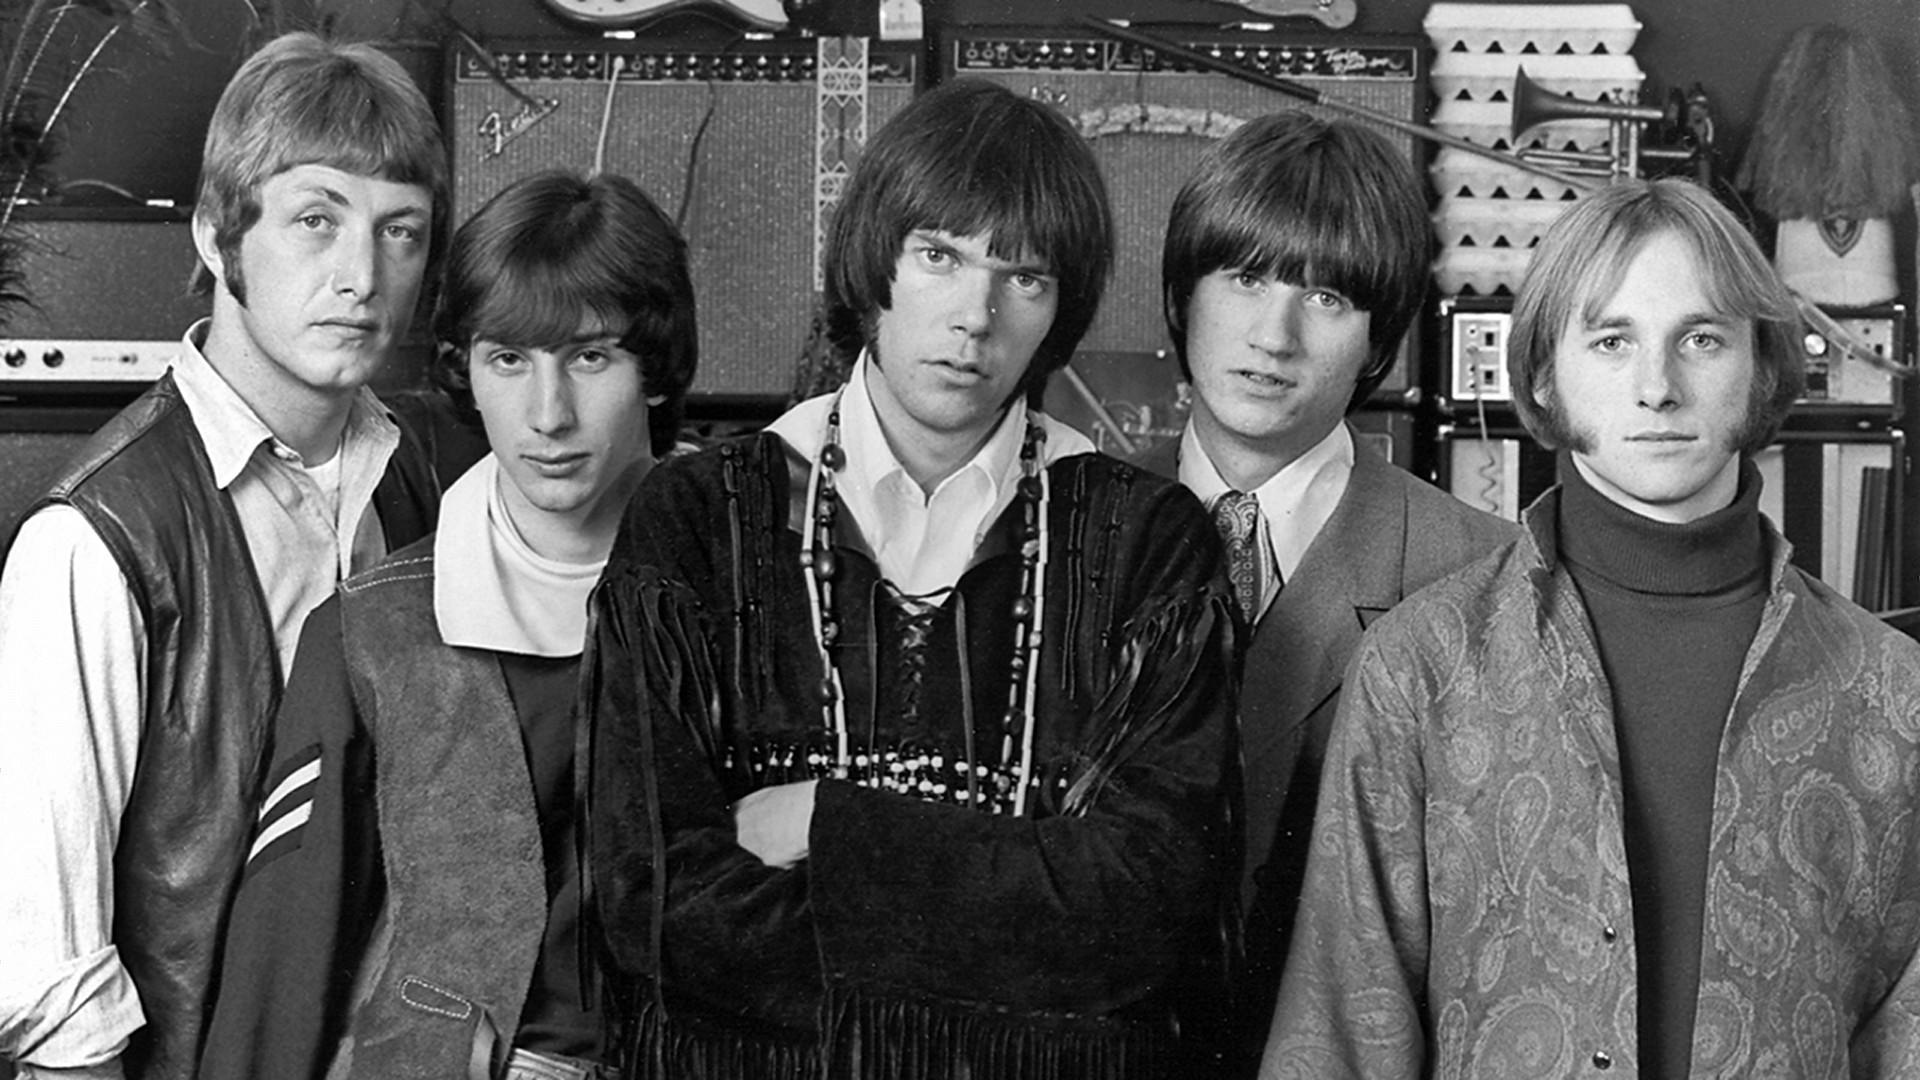 BUFFALO - … pour Buffalo Springfield avec la chanson For What It's Worth extraite de l'album éponyme Buffalo Springfield sorti en 1967.